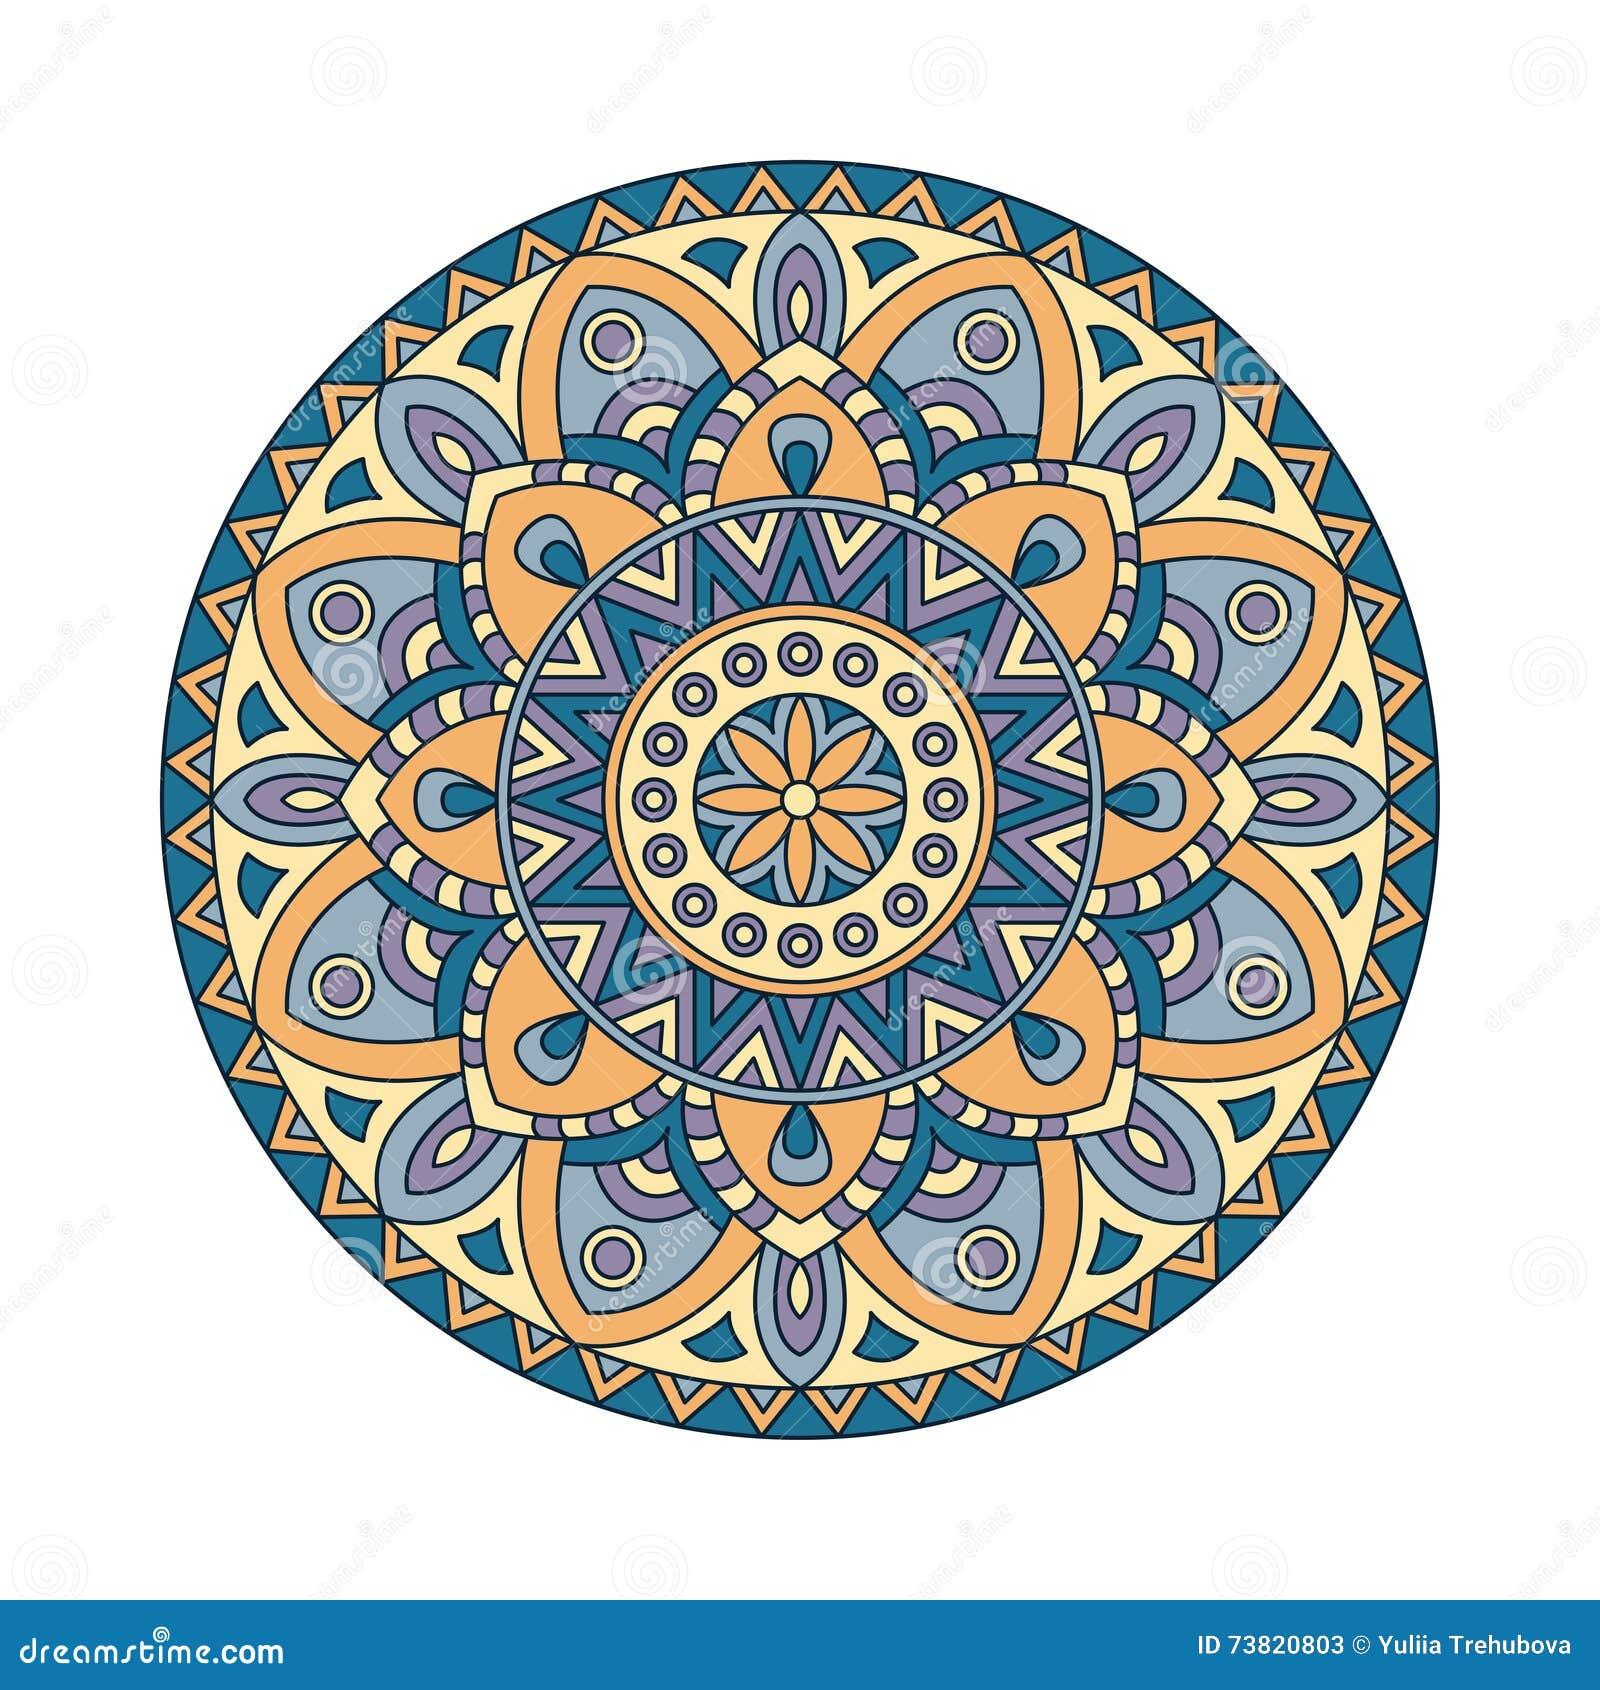 Elementos abstractos del dise o mandalas redondas en - Plantilla mandala pared ...